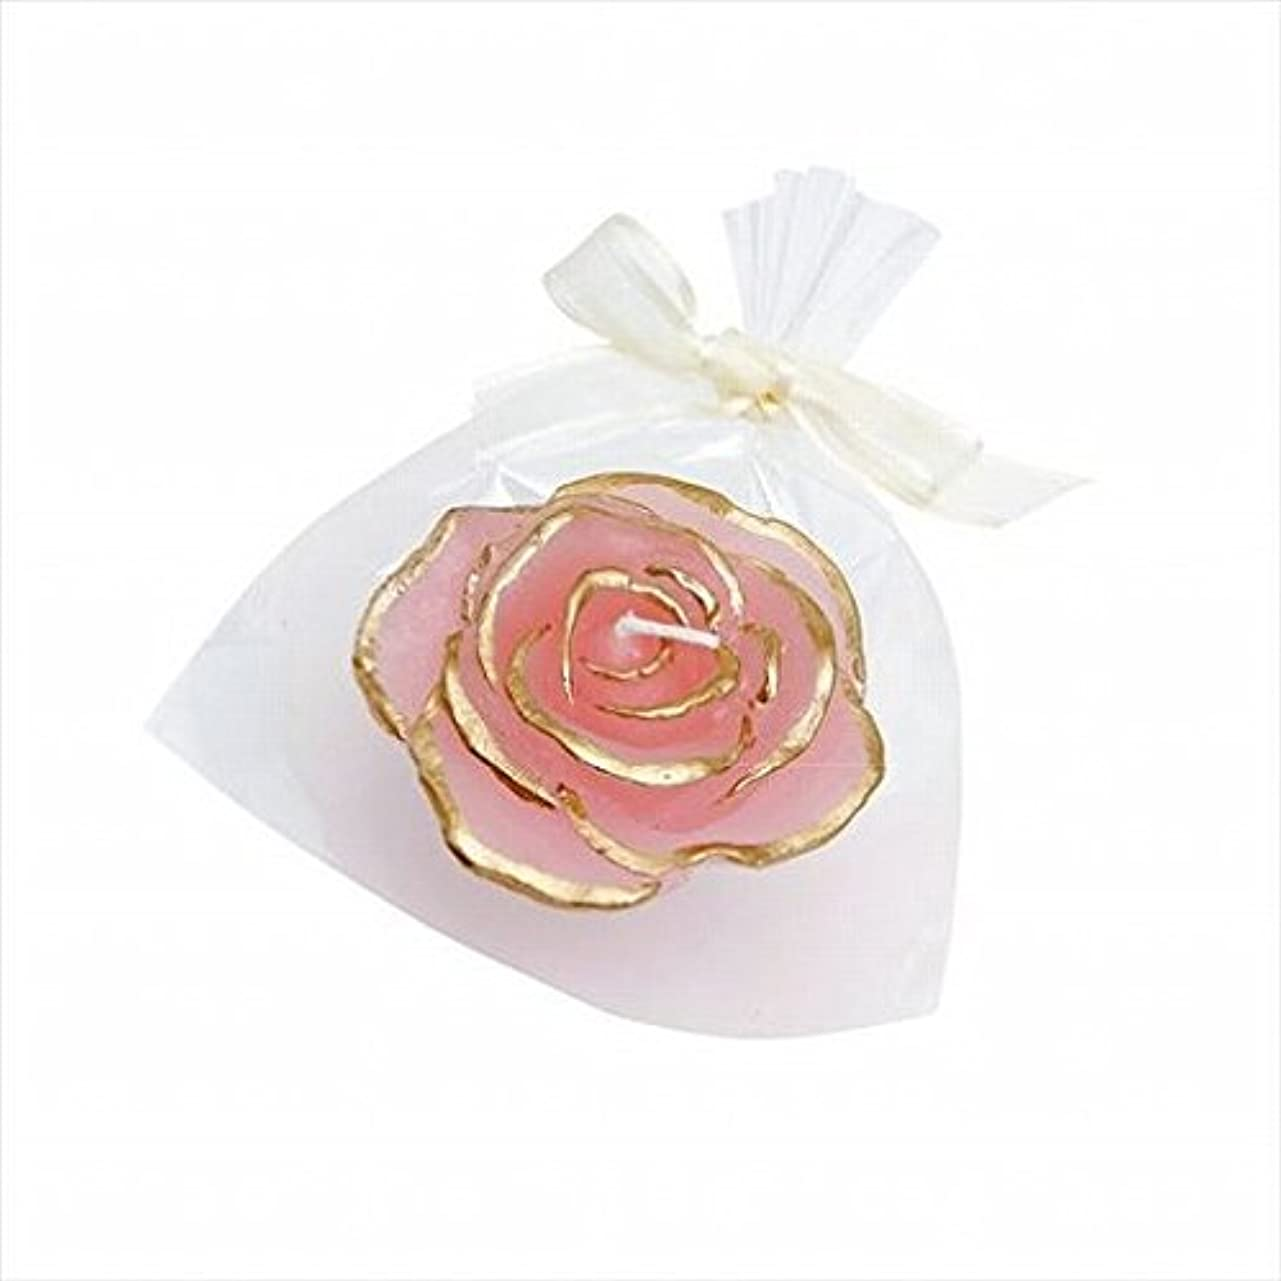 睡眠ログ商品kameyama candle(カメヤマキャンドル) プリンセスローズ 「 ピンク 」(A6390500PK)